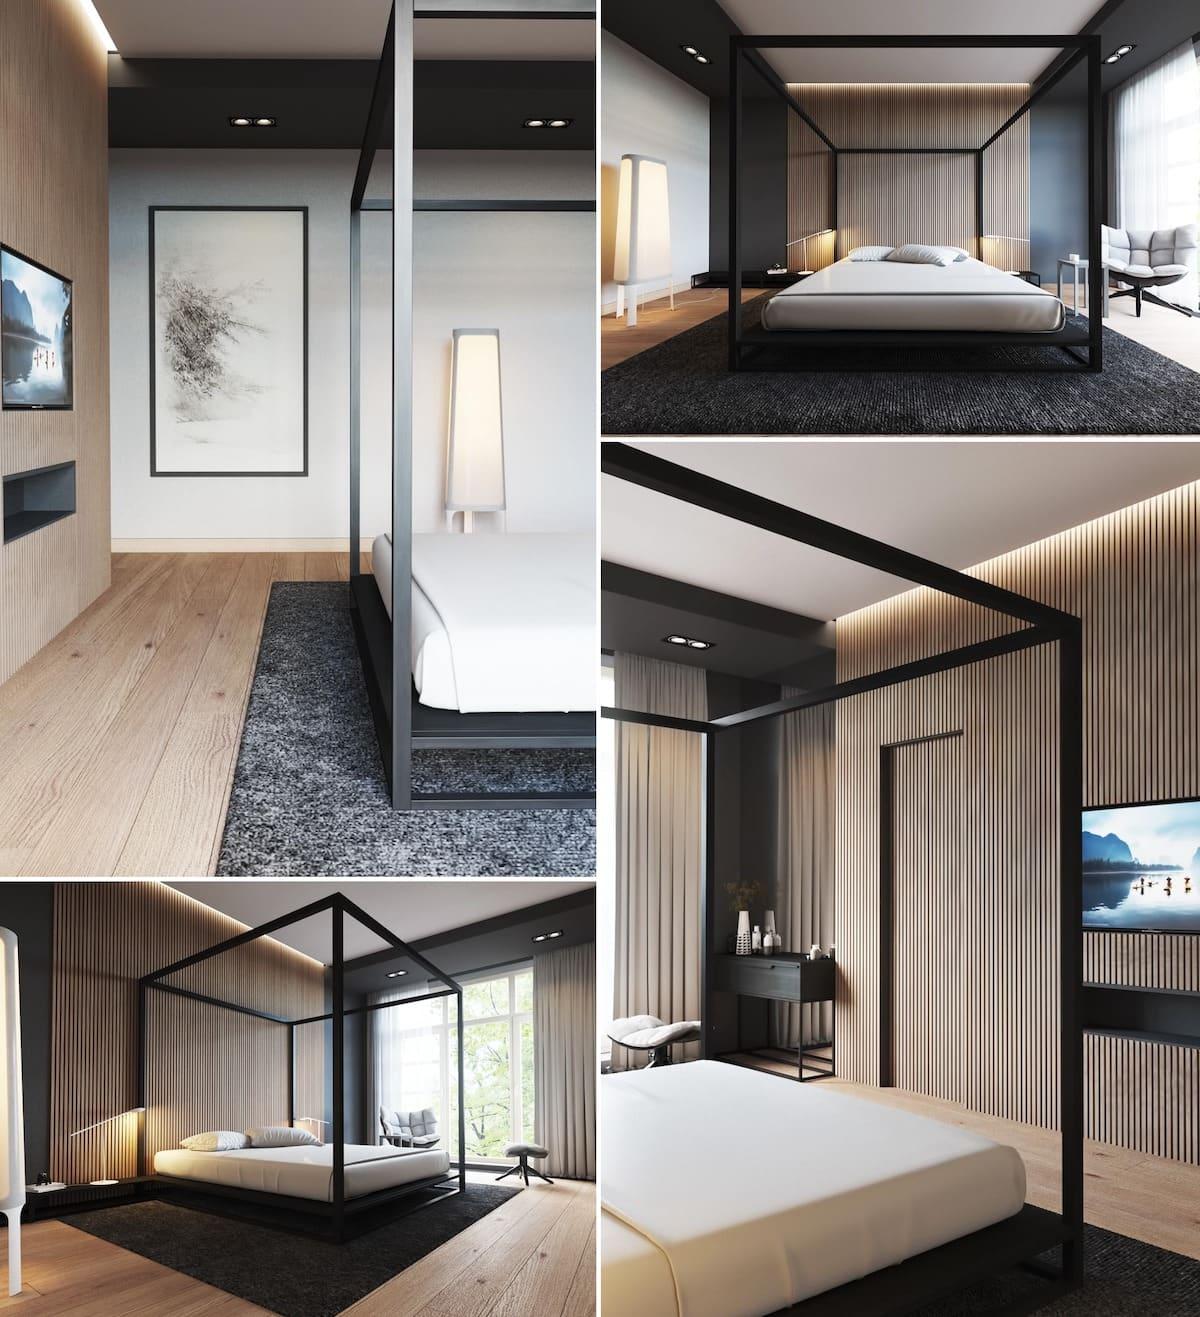 Conception intéressante et mise en valeur de la zone du lit